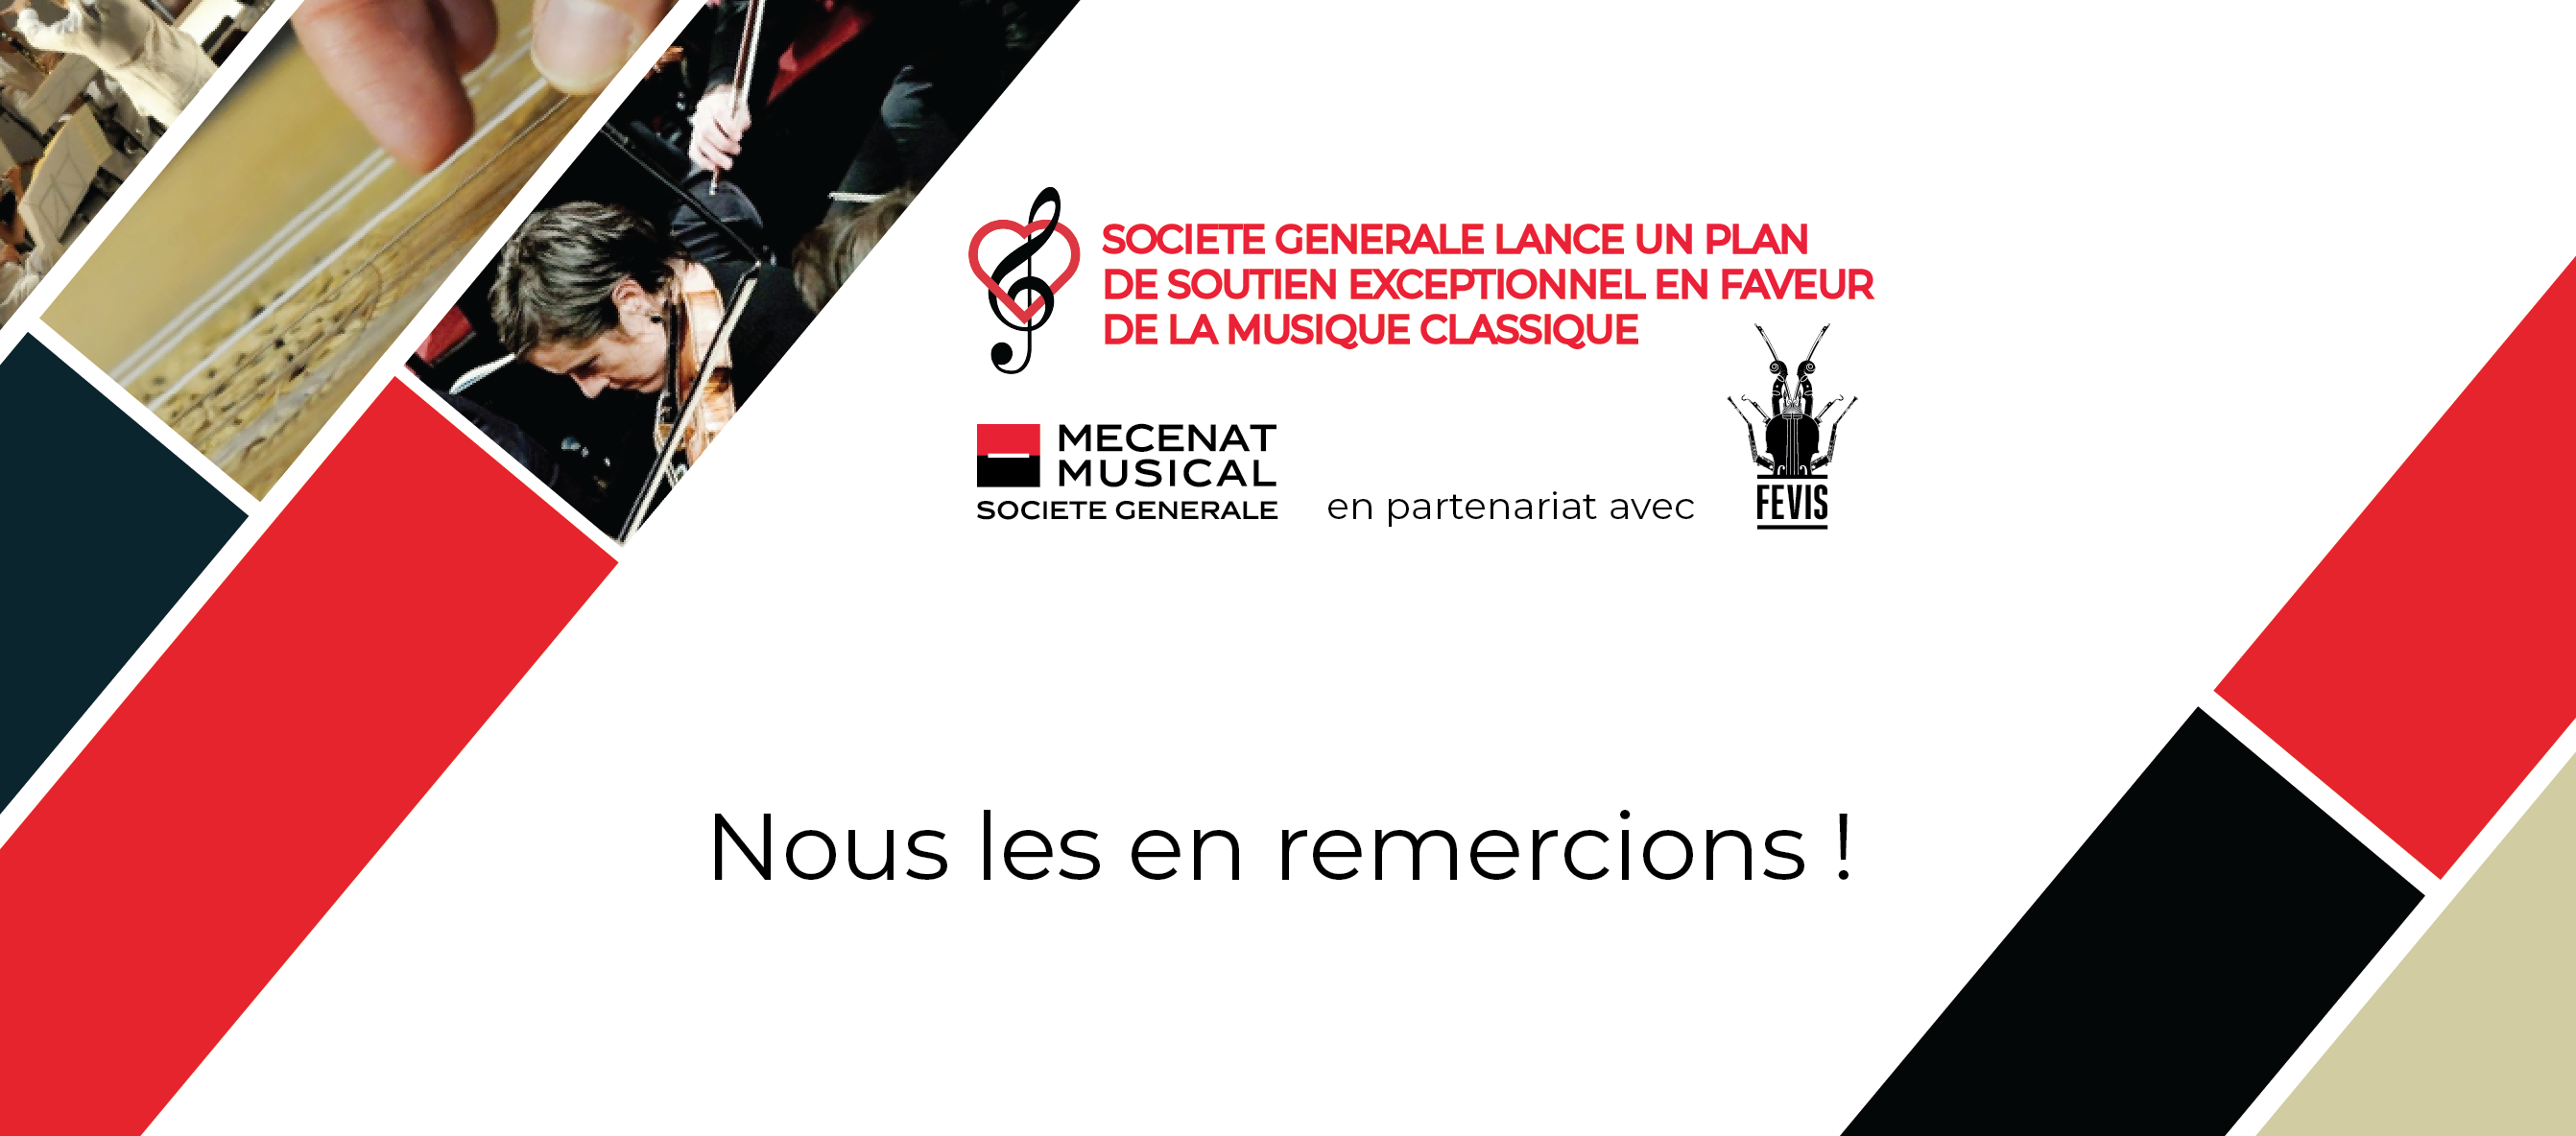 Plan de soutien exceptionnel de Société Générale en faveur de la musique classique en France